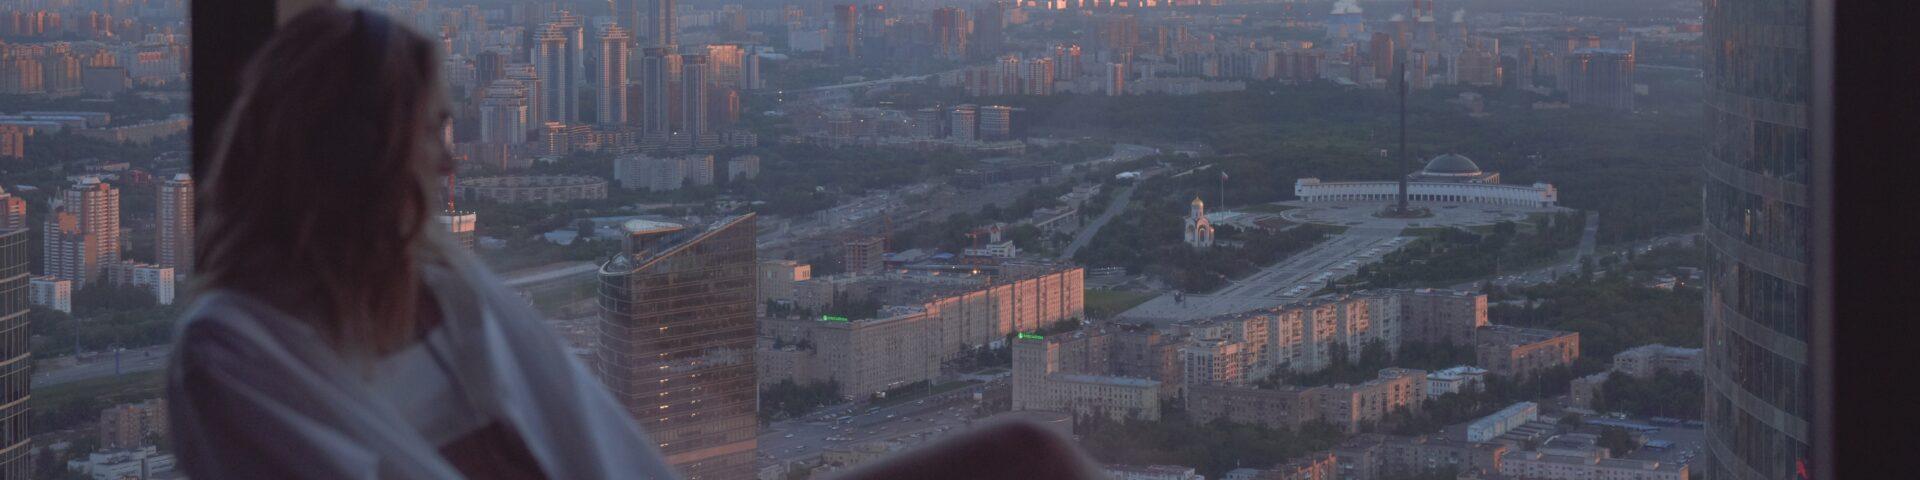 vrouw kijkt uit raam over stad, illustratie bij artikel over hypotheek